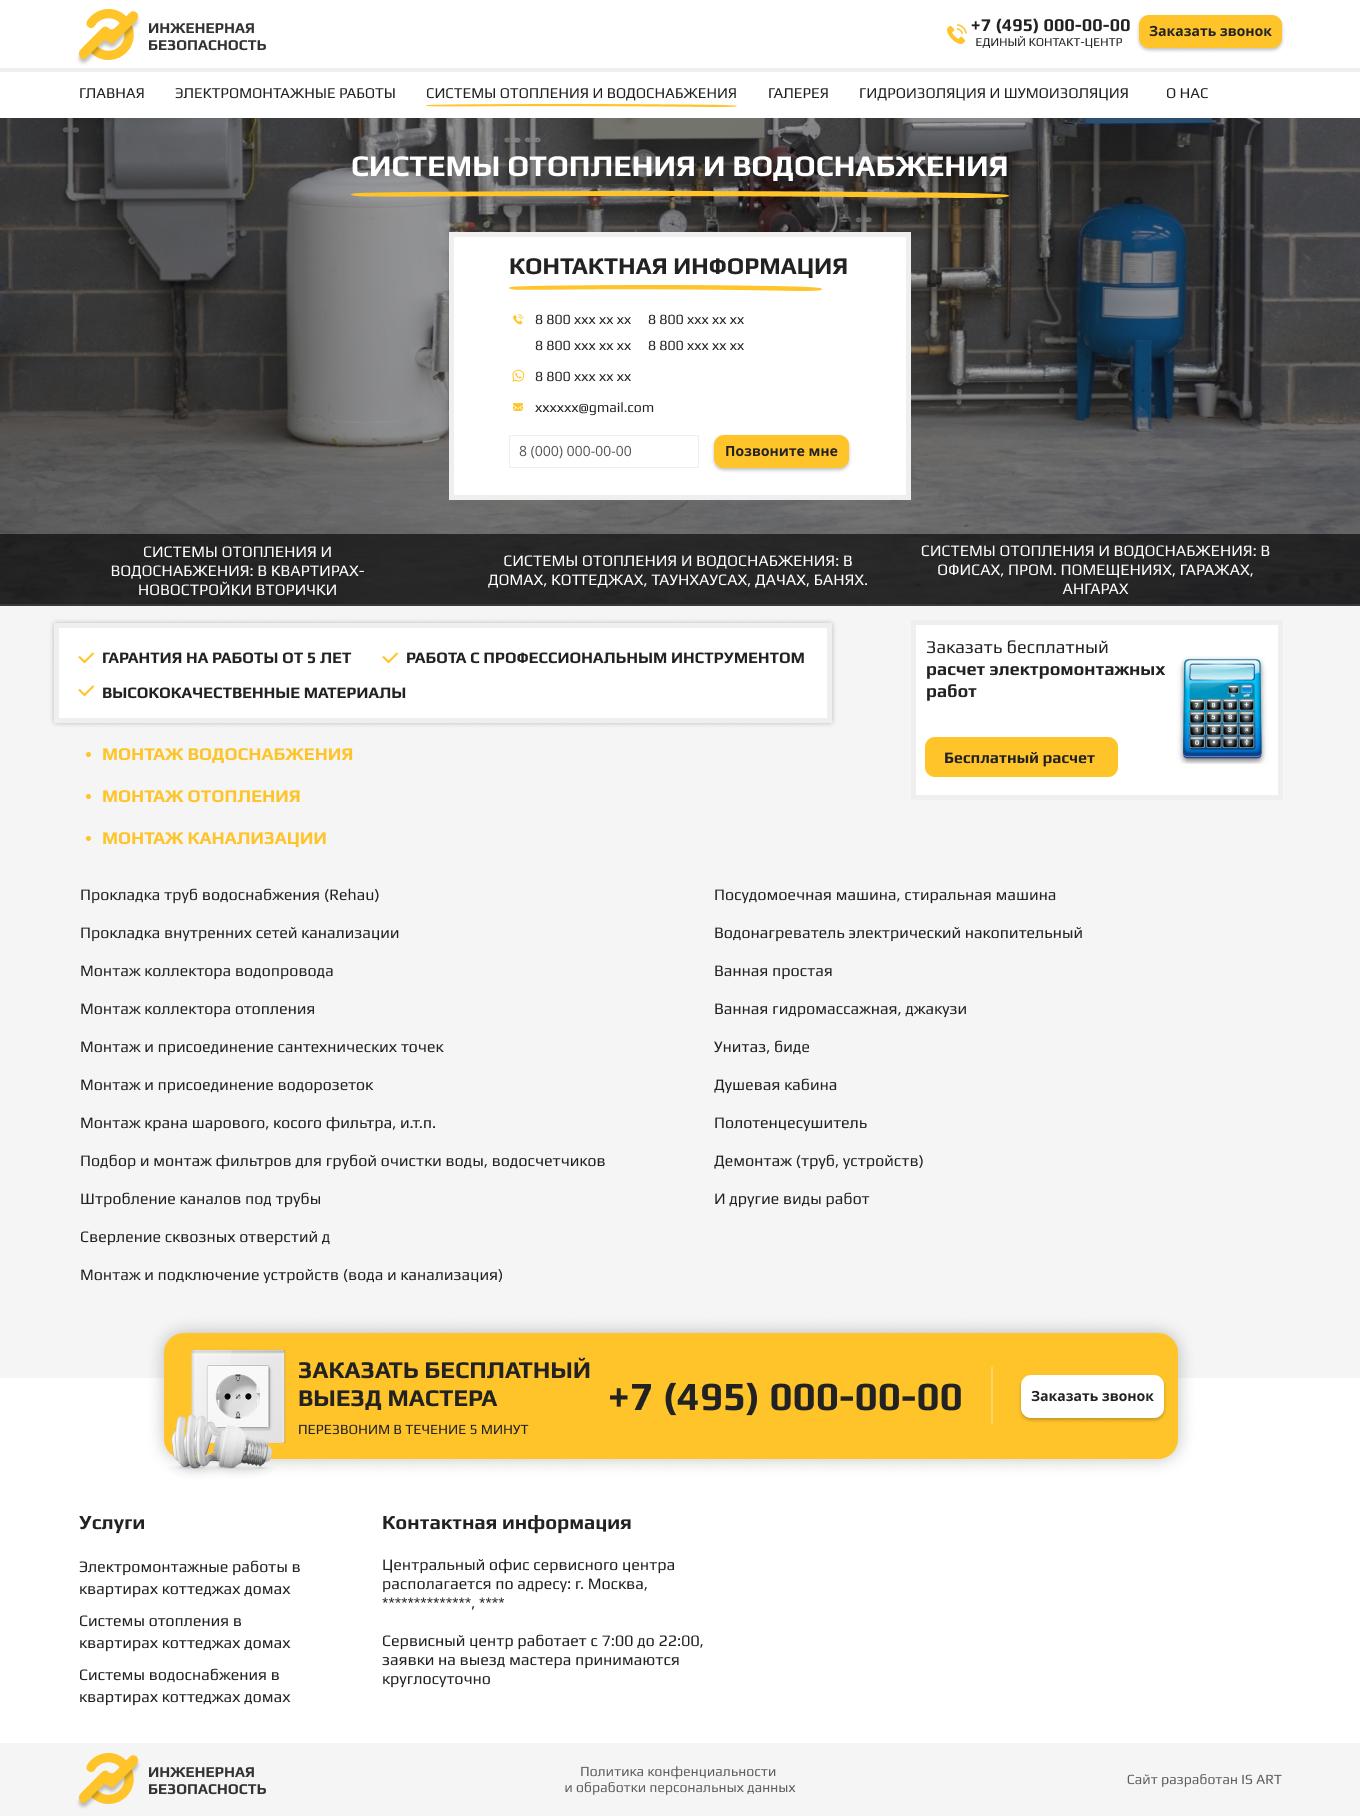 Макет сайта Услуги электромонтажа 2